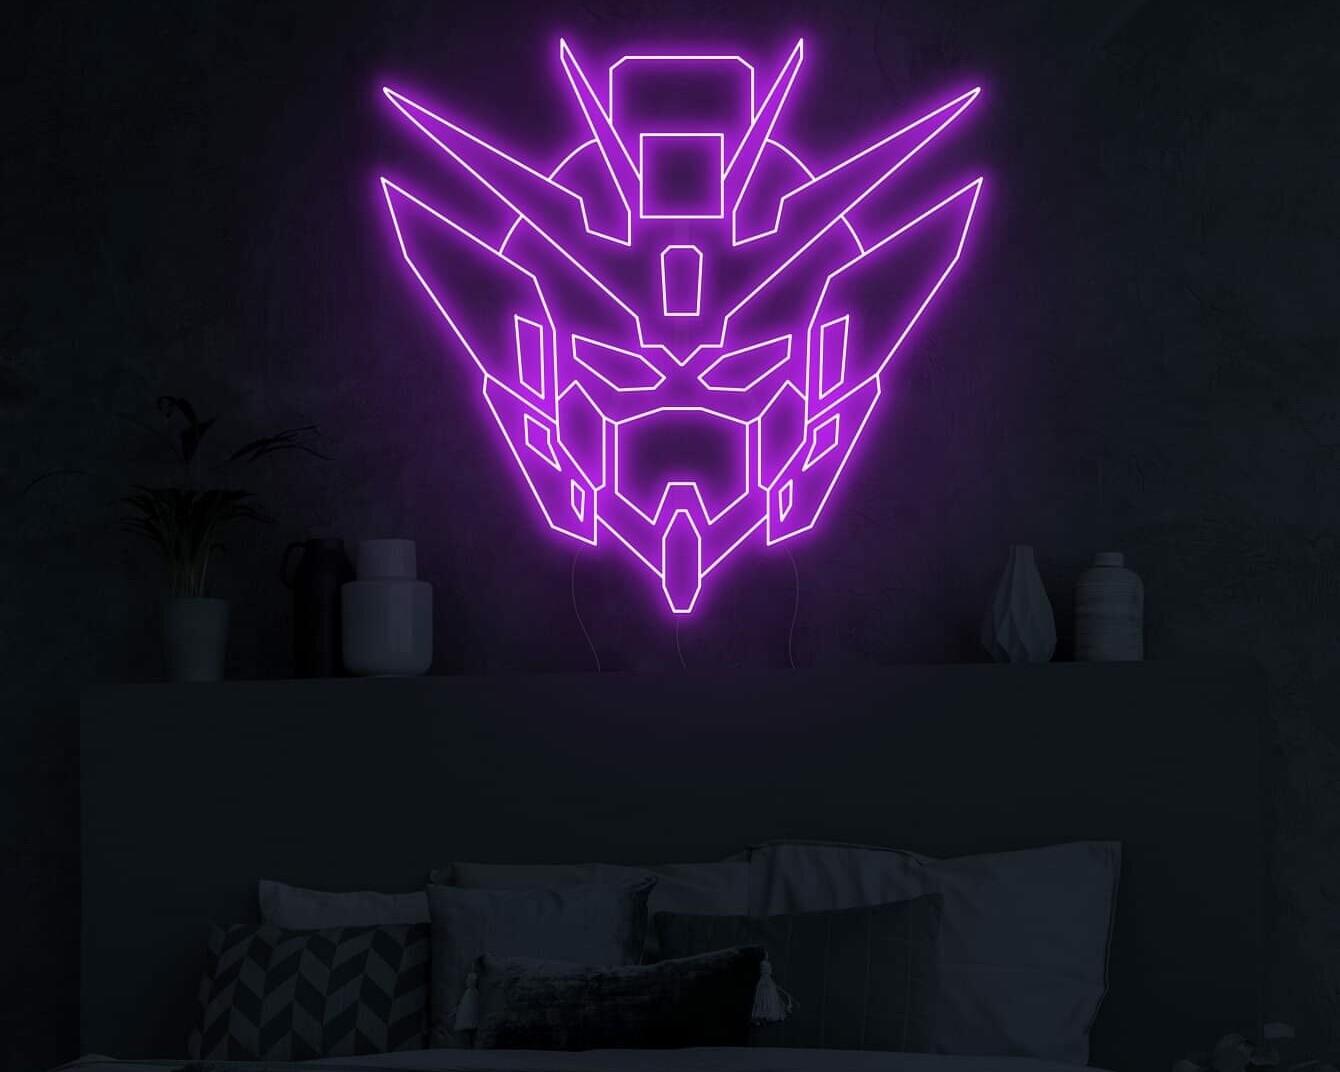 Gundam Neon Sign